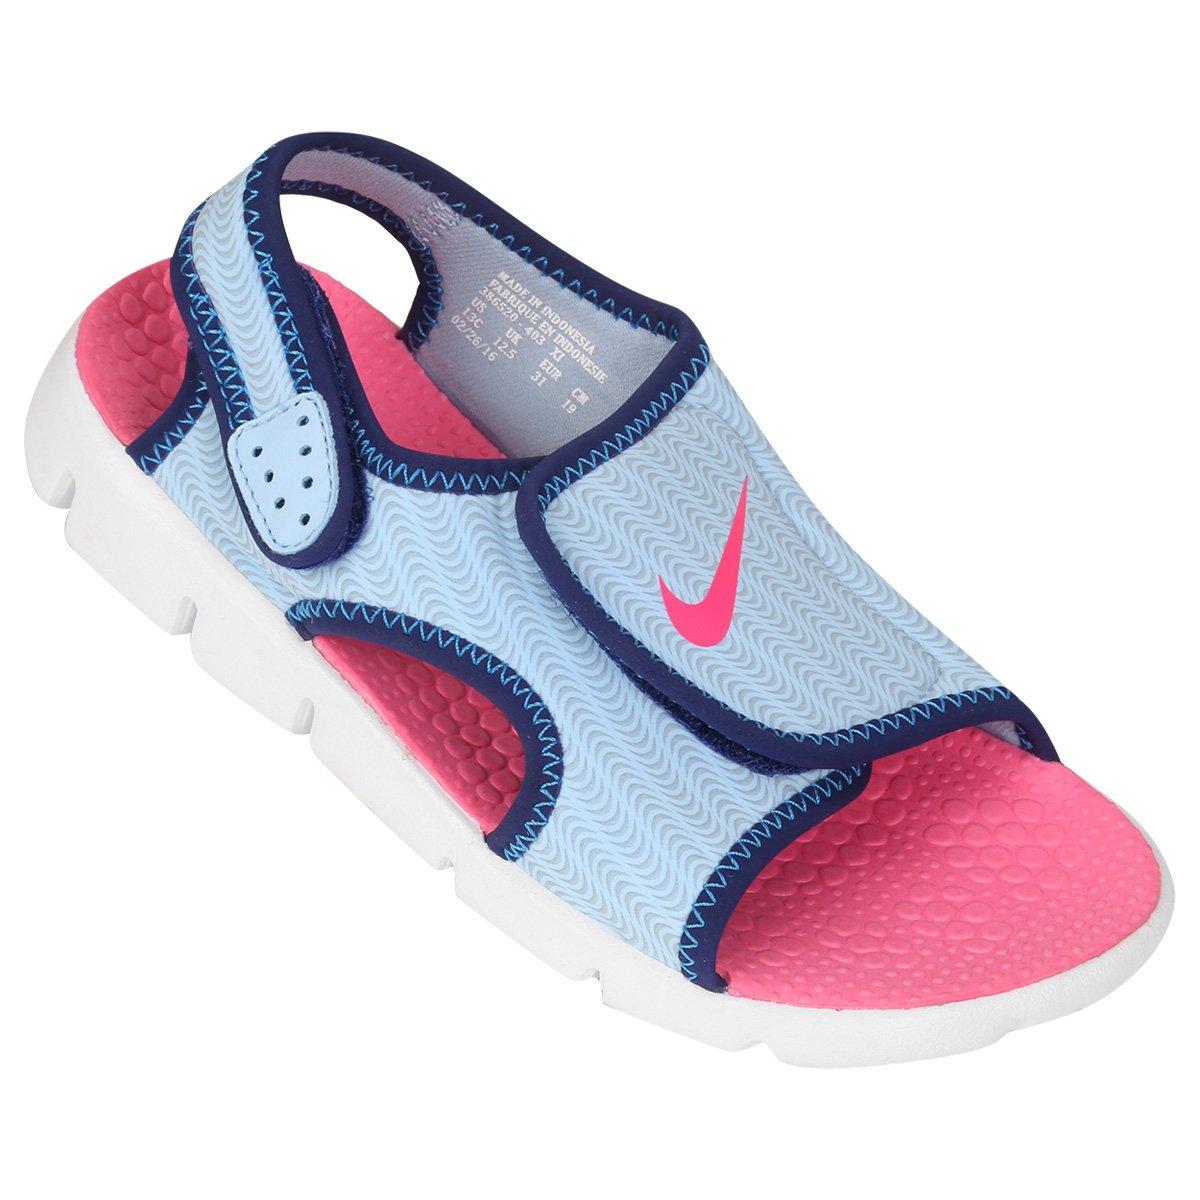 cbfece6bc Sandália Infantil Nike Sunray Adjust 4 GGP Feminina - Marinho e Rosa Claro  | Shop Timão